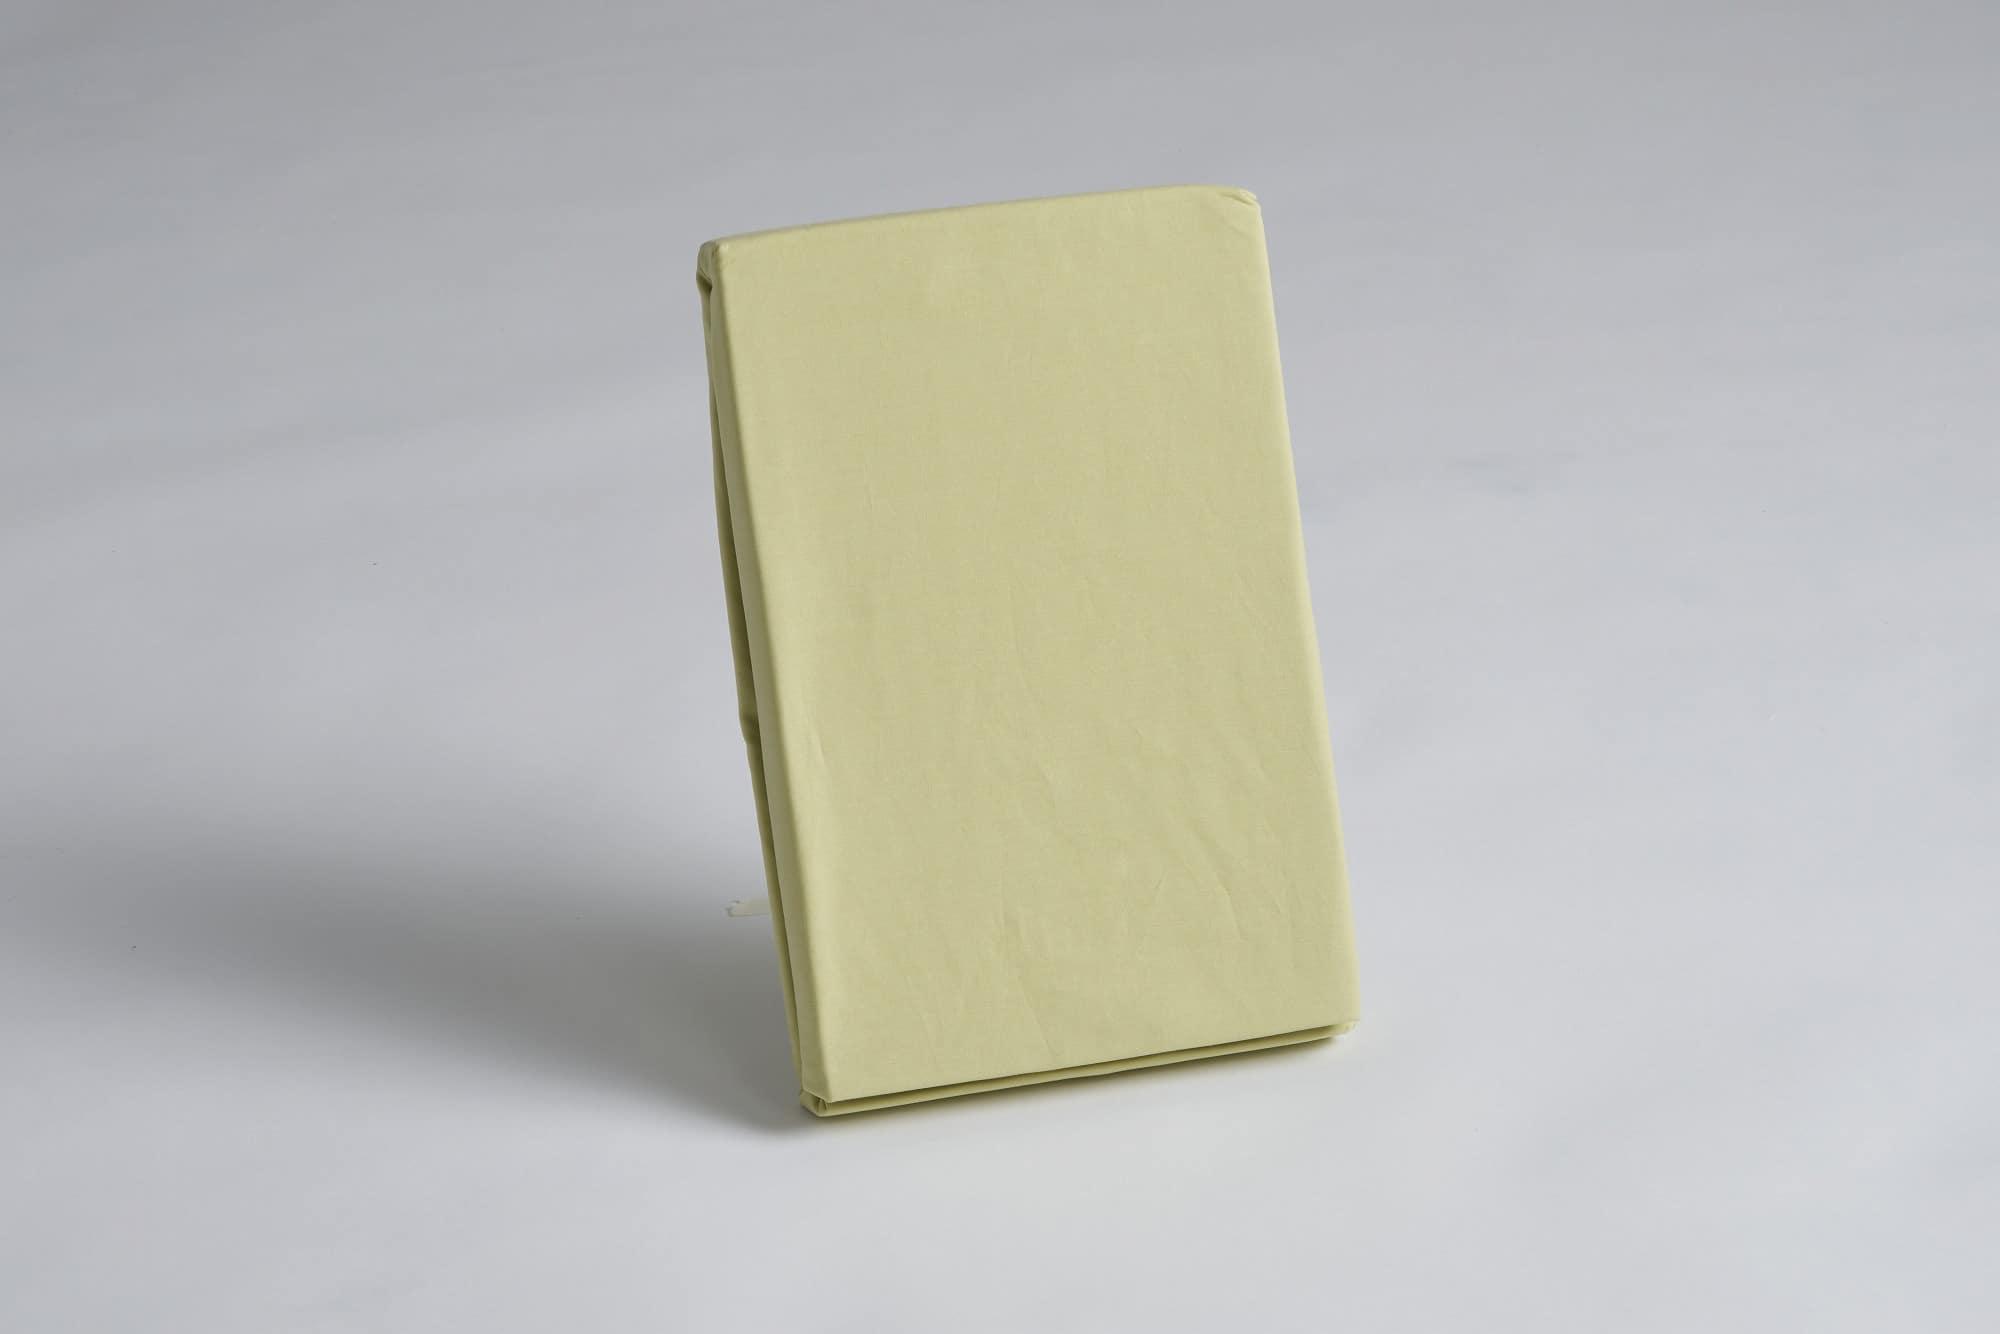 ボックスシーツ キング1用 36H グリーン:《綿100%を使用したボックスシーツ》